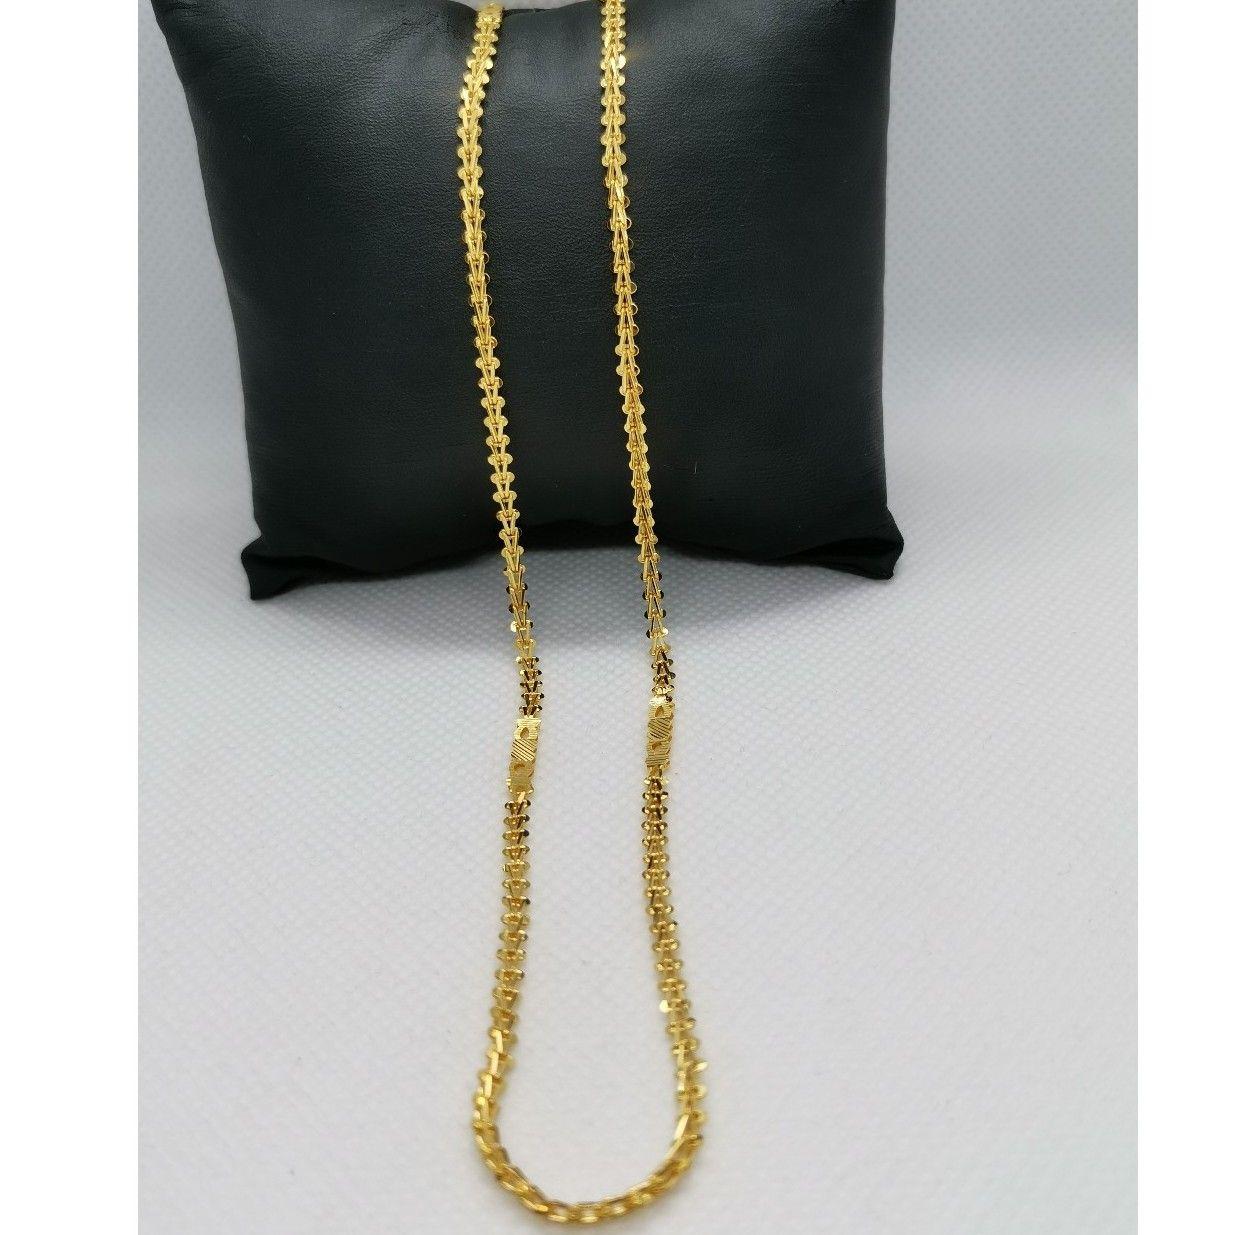 Coimbatore chain 06